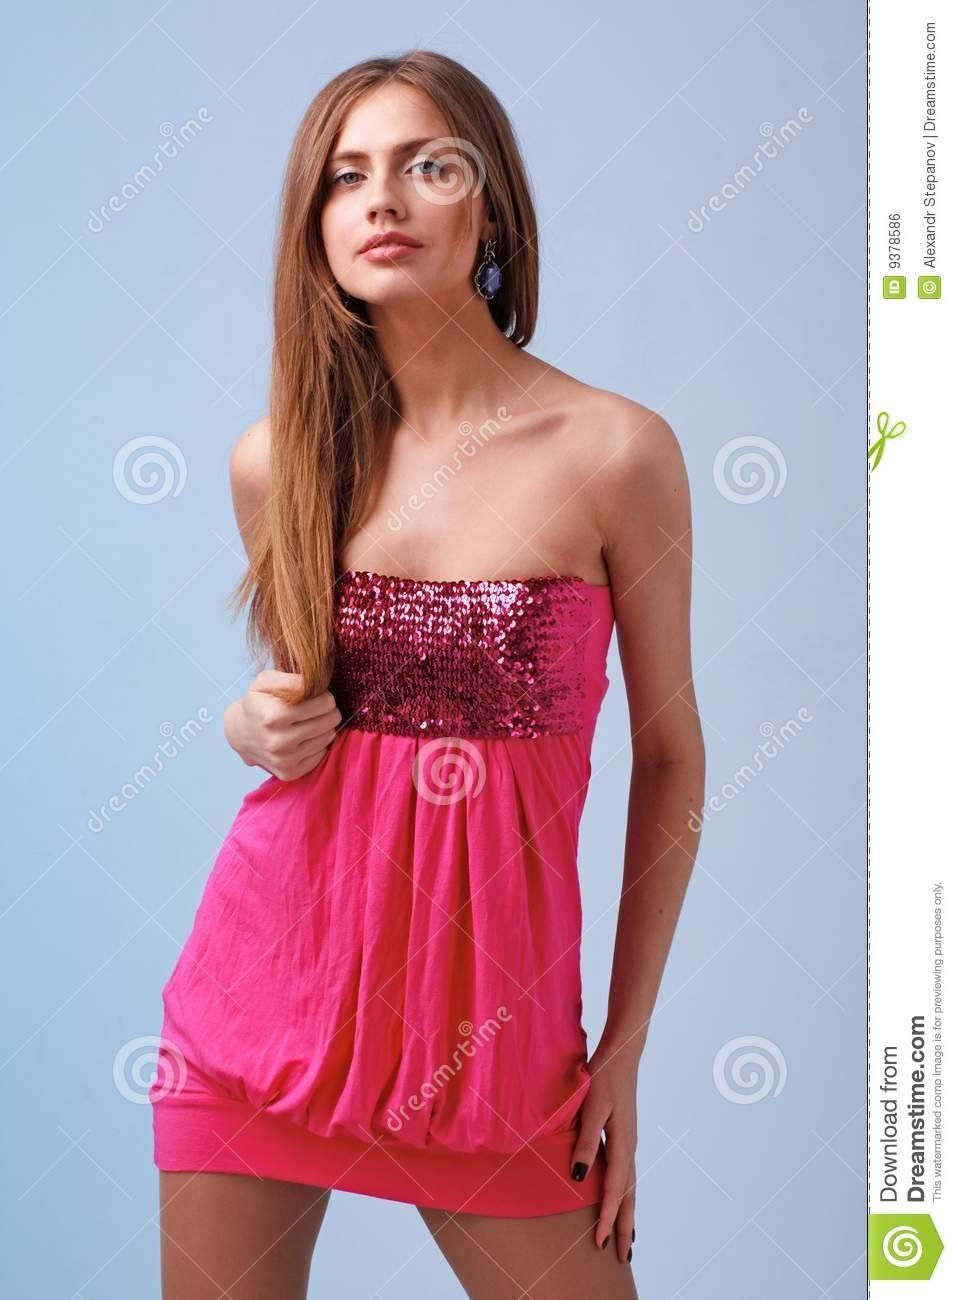 20 Ausgezeichnet Schöne Kleider Für Junge Frauen DesignFormal Spektakulär Schöne Kleider Für Junge Frauen Galerie